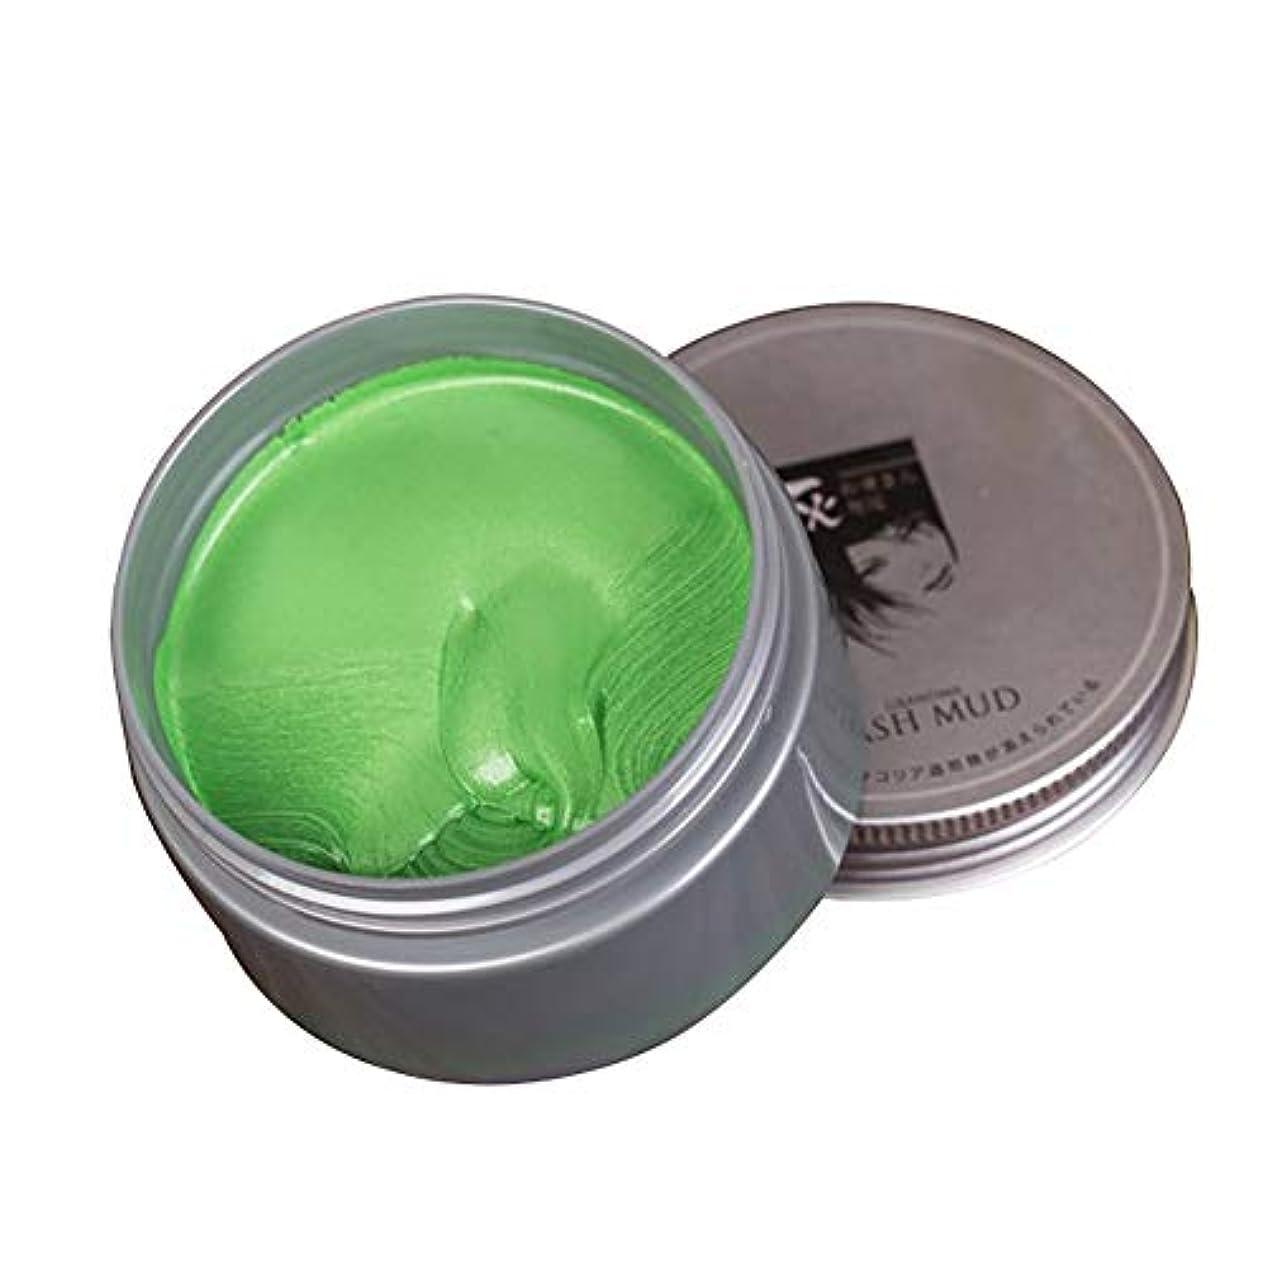 クリーナーエキゾチックコカインDkhsy グラニーヘアグレーワックス一時的なヘアダイクリームカラー泥モデリングファッションスタイル髪7色